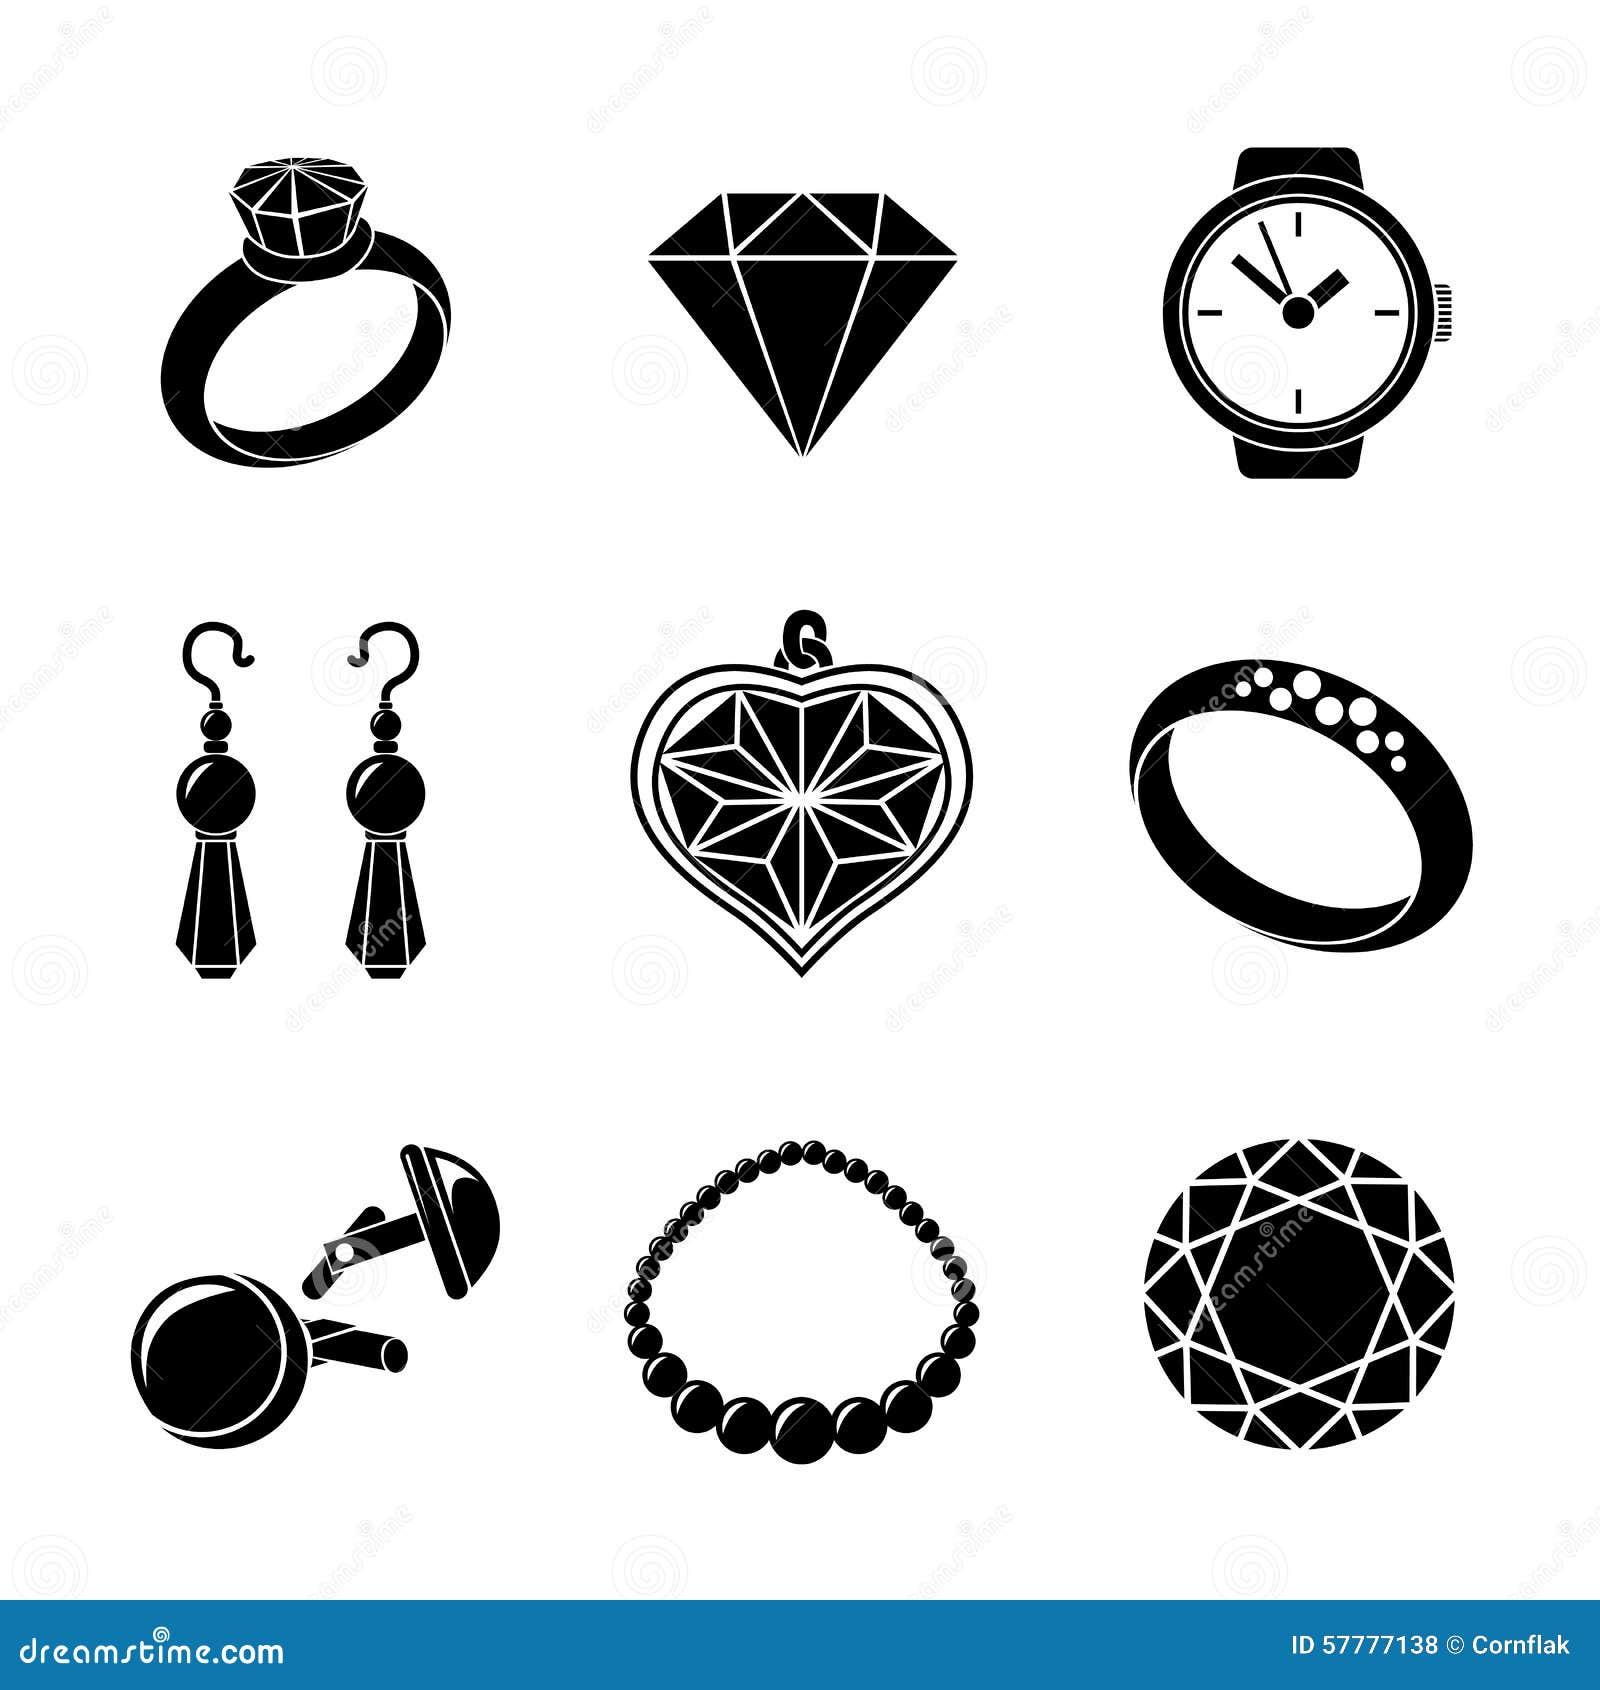 The New Panthere De Cartier Collection 2 moreover unhao Crisma E Batizado Moldura Batismo Anjo 9 5 X 9 5 furthermore Id J 86335 also Ladies Diamond Bands Ladies Diamond Ring 582401703 furthermore Clipart 335100. on band rings